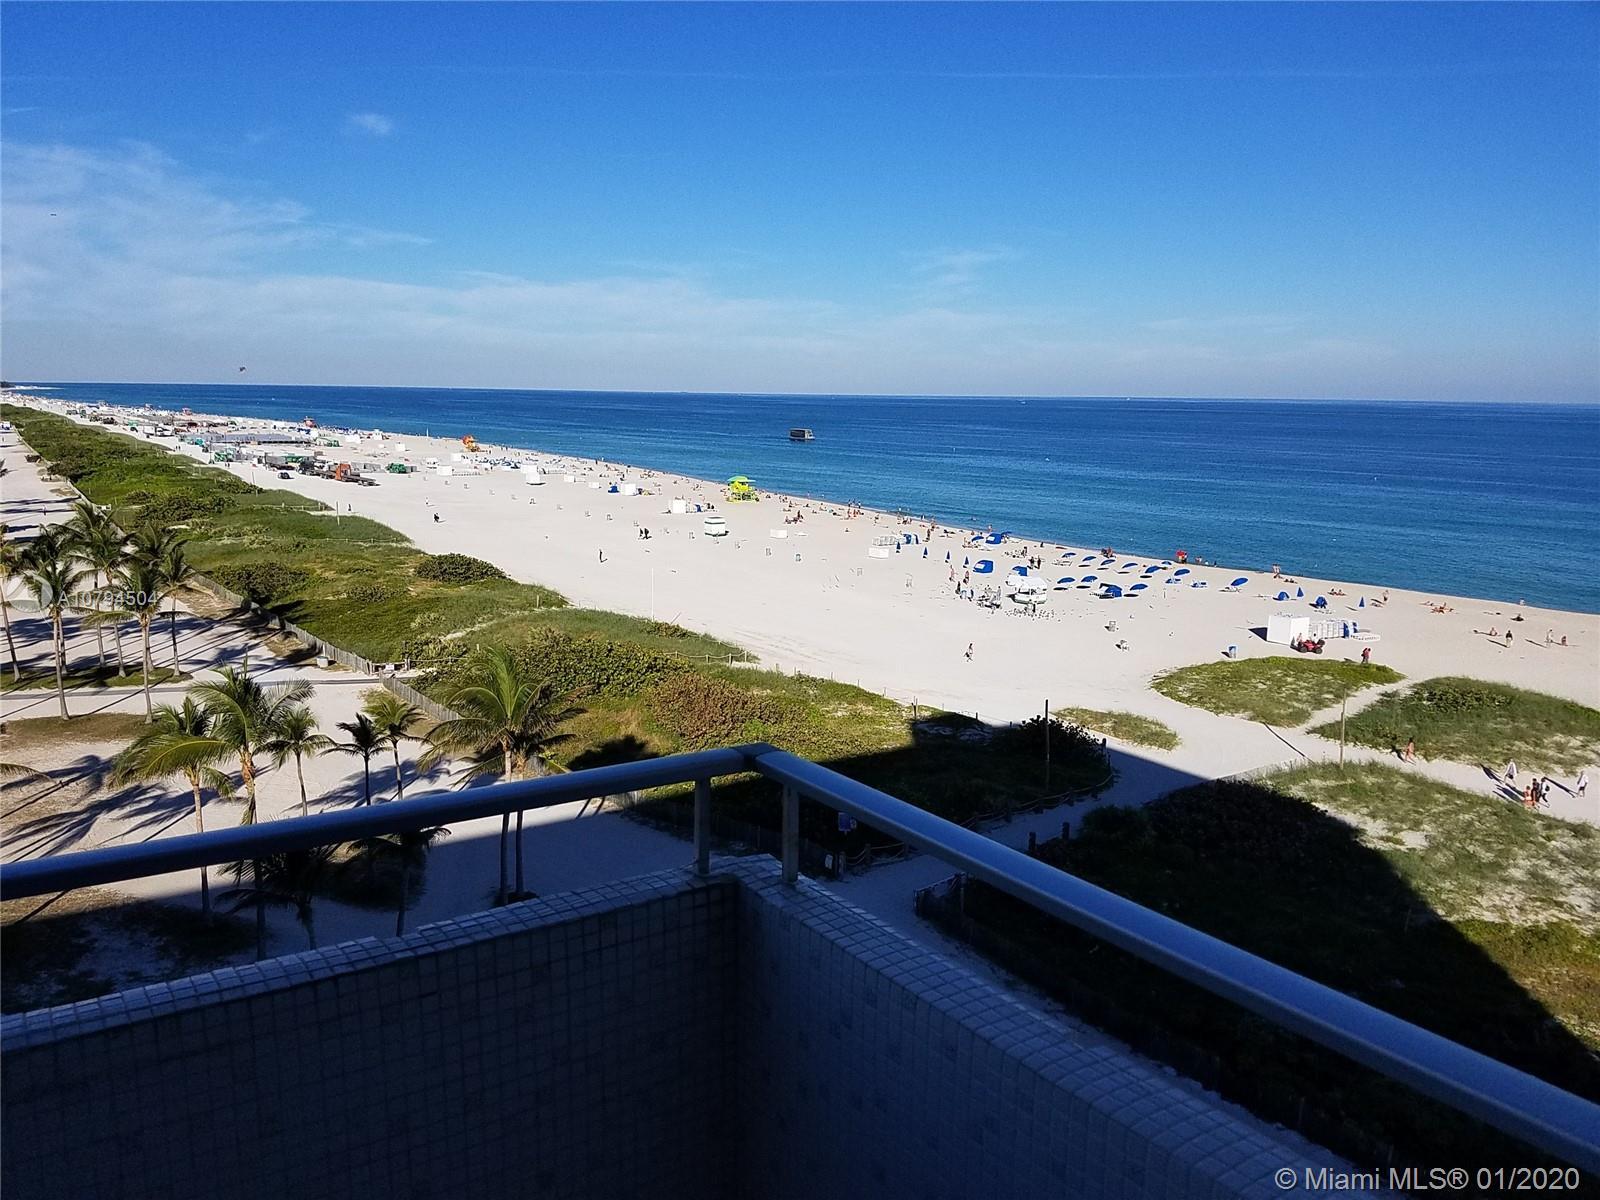 465 Ocean Dr, 918 - Miami Beach, Florida